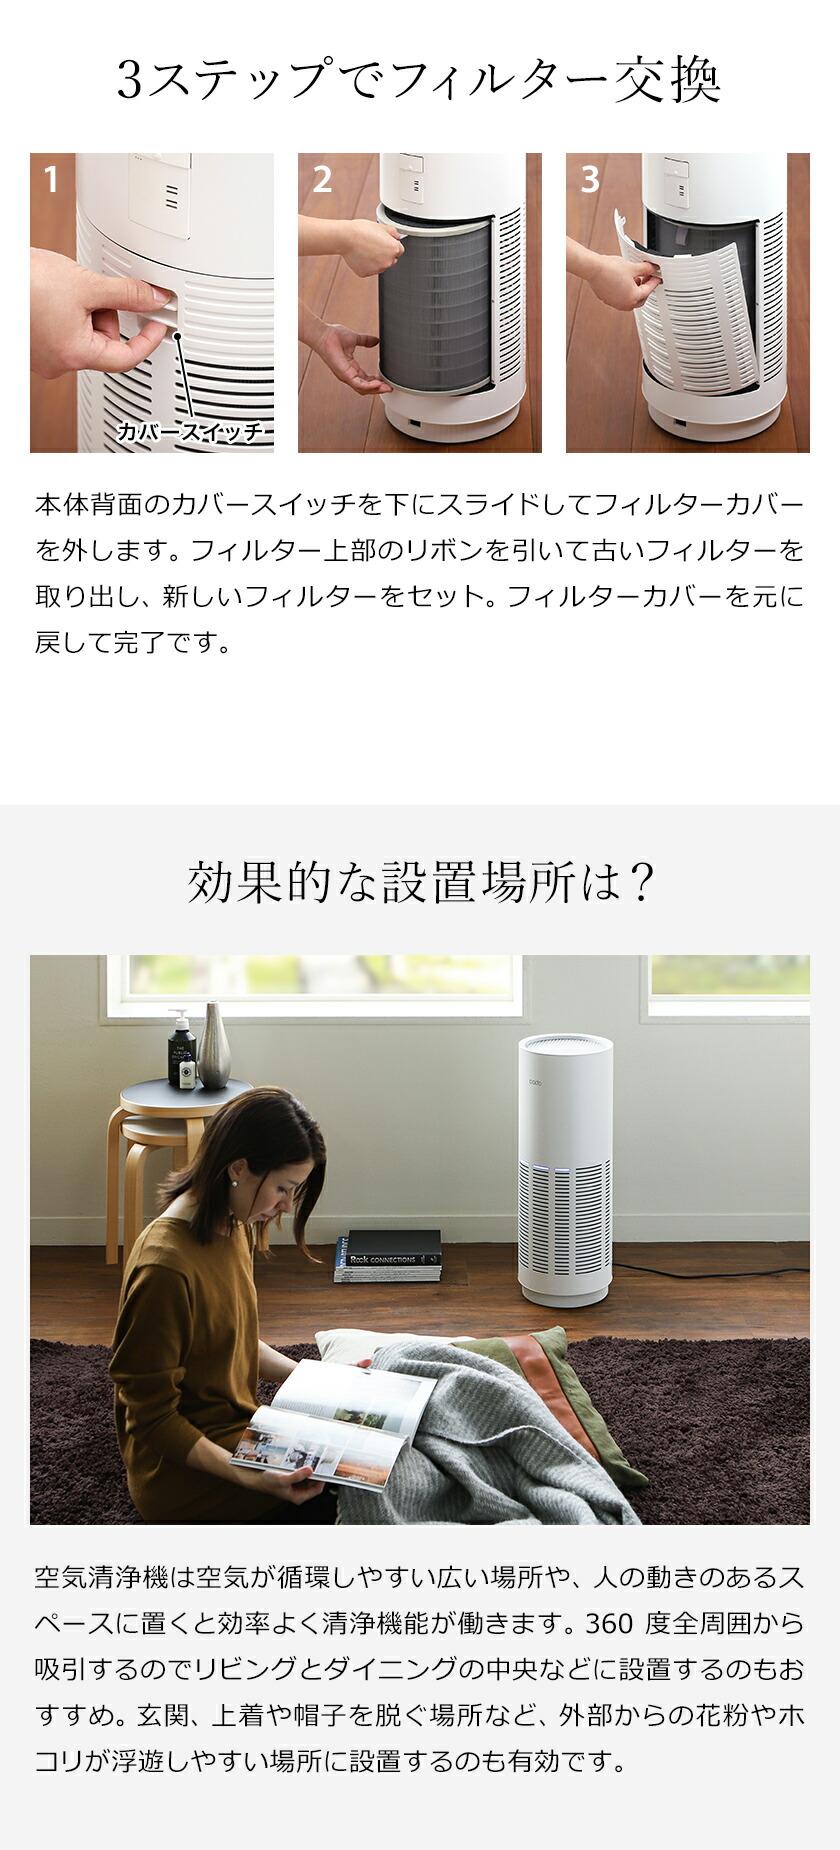 フィルター交換も簡単なカドーの空気清浄機